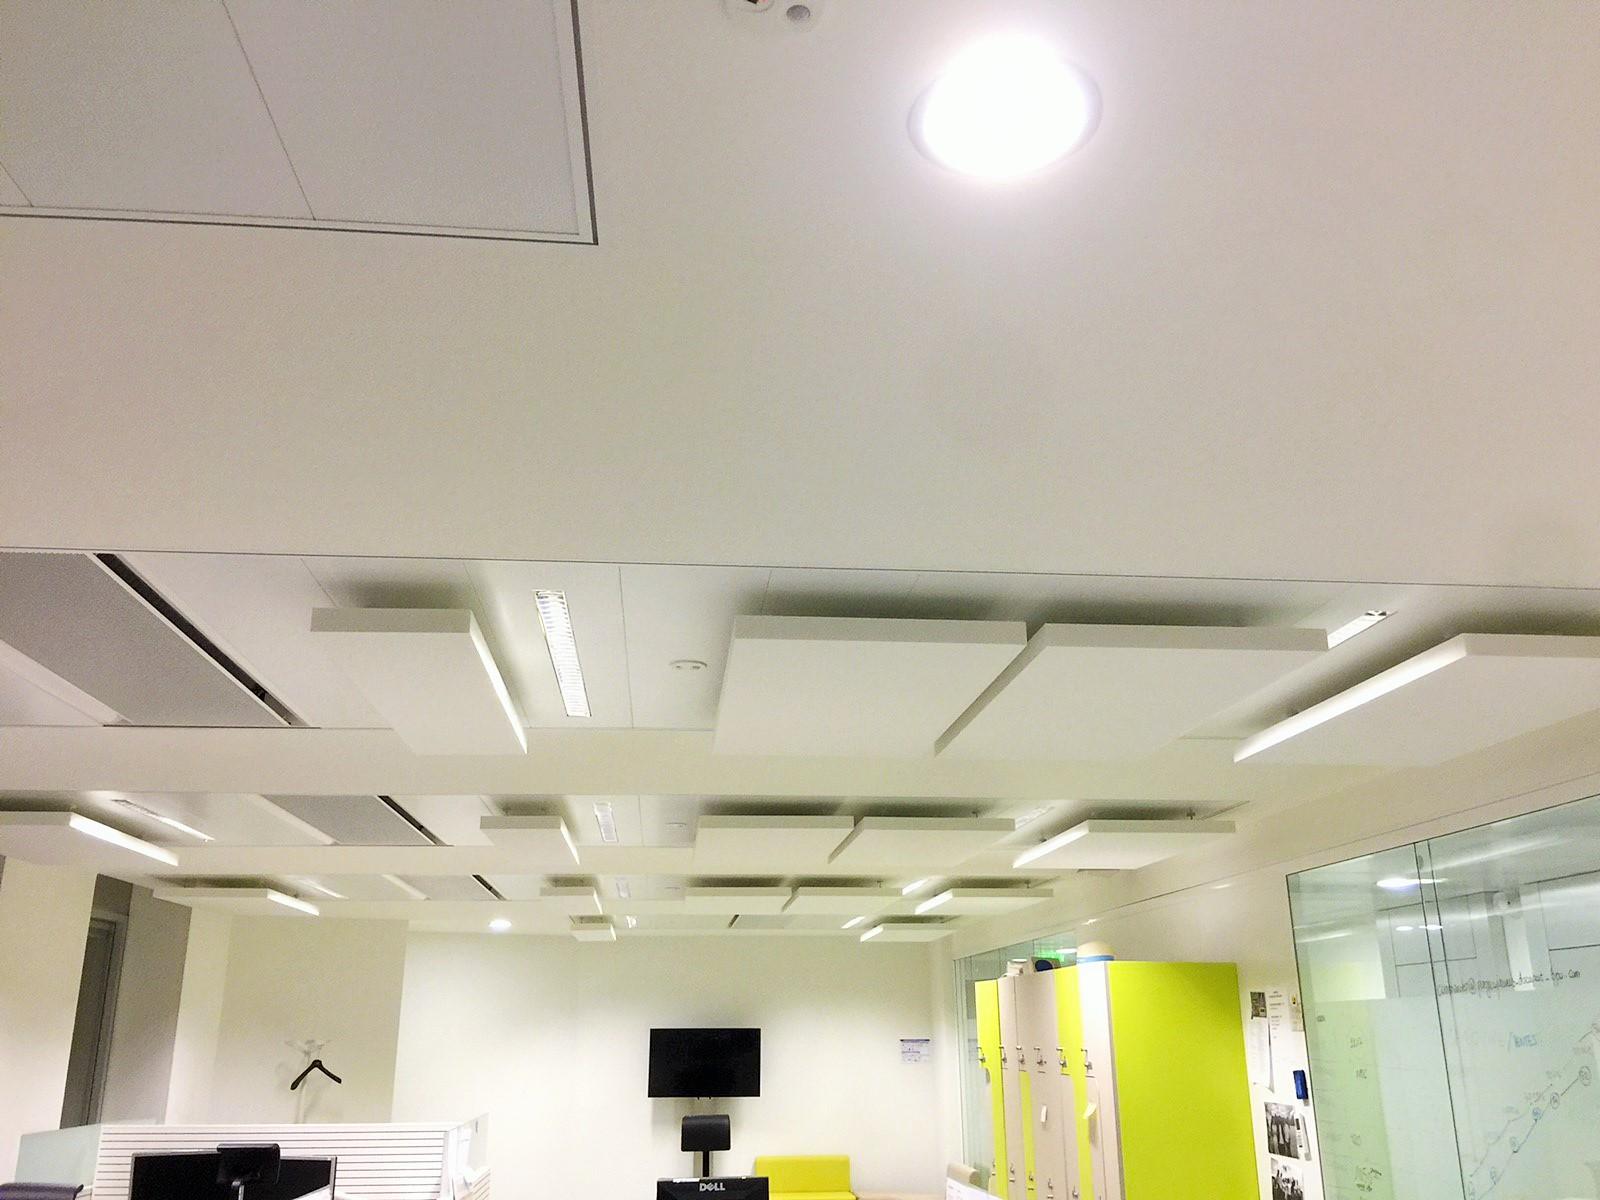 Capteurs & ilots acoustiques - Capteurs & ilots Capteur Acoustic Panel 2V posé au plafond par suspension